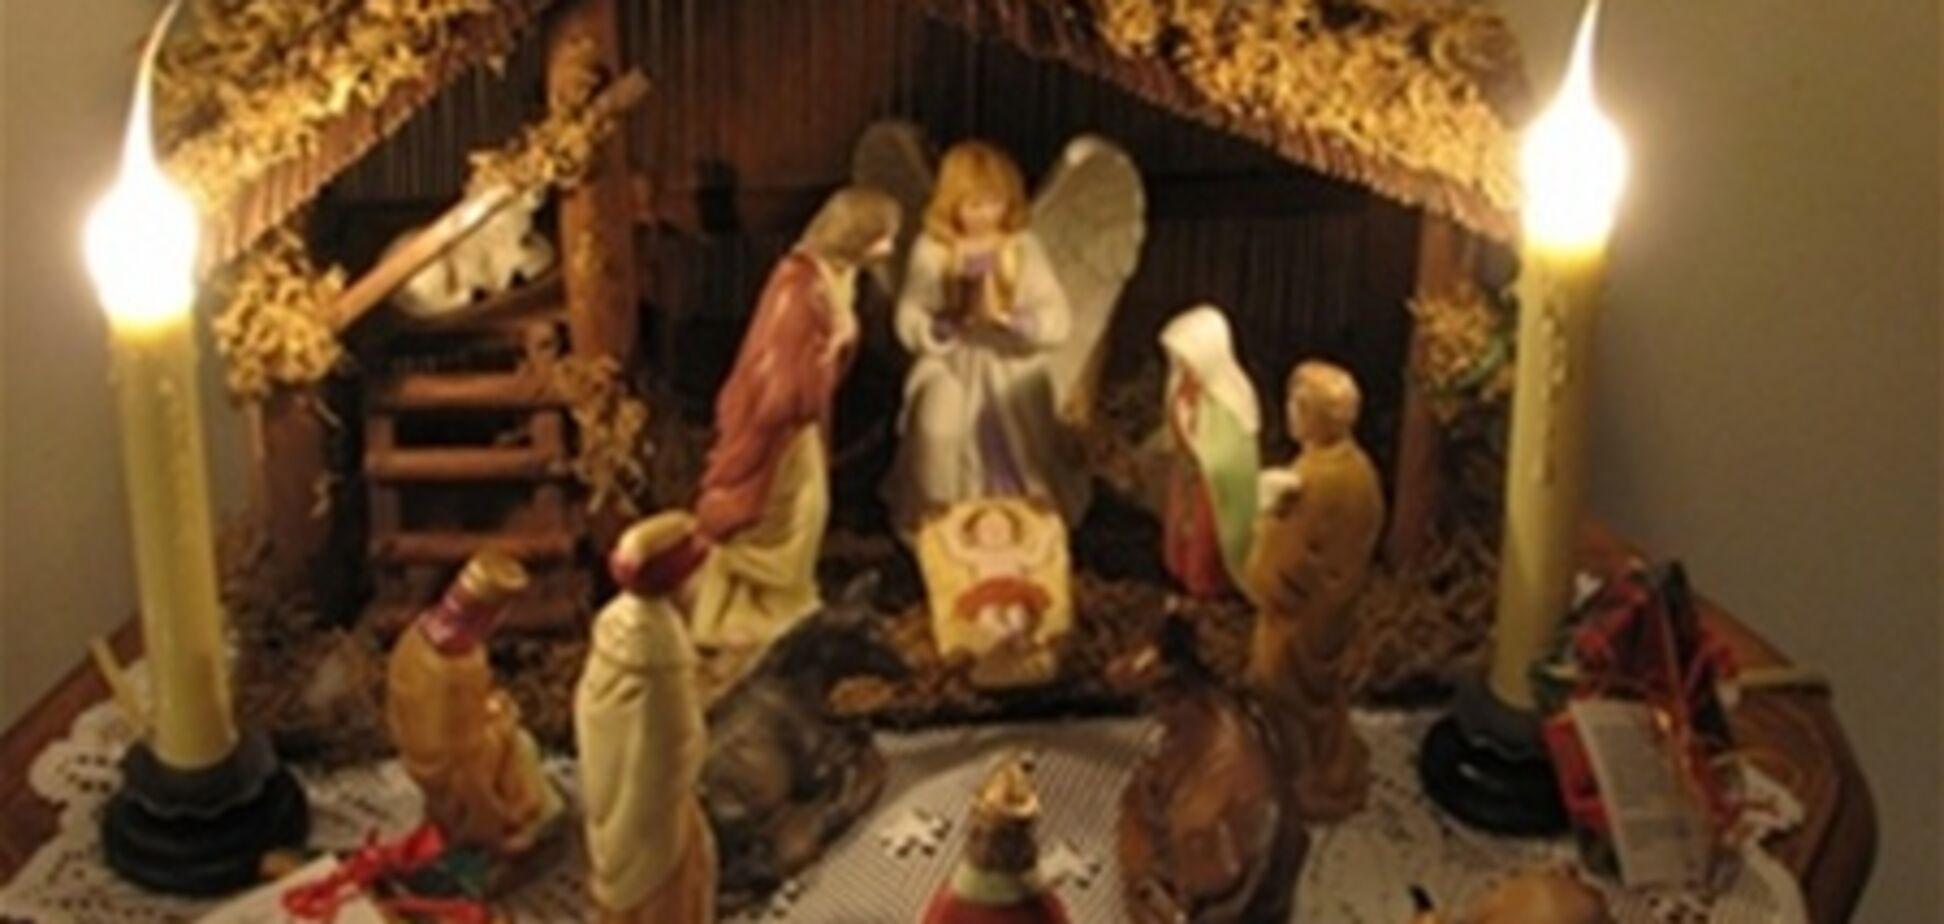 Православні віруючі сьогодні відзначають Різдвяний святвечір